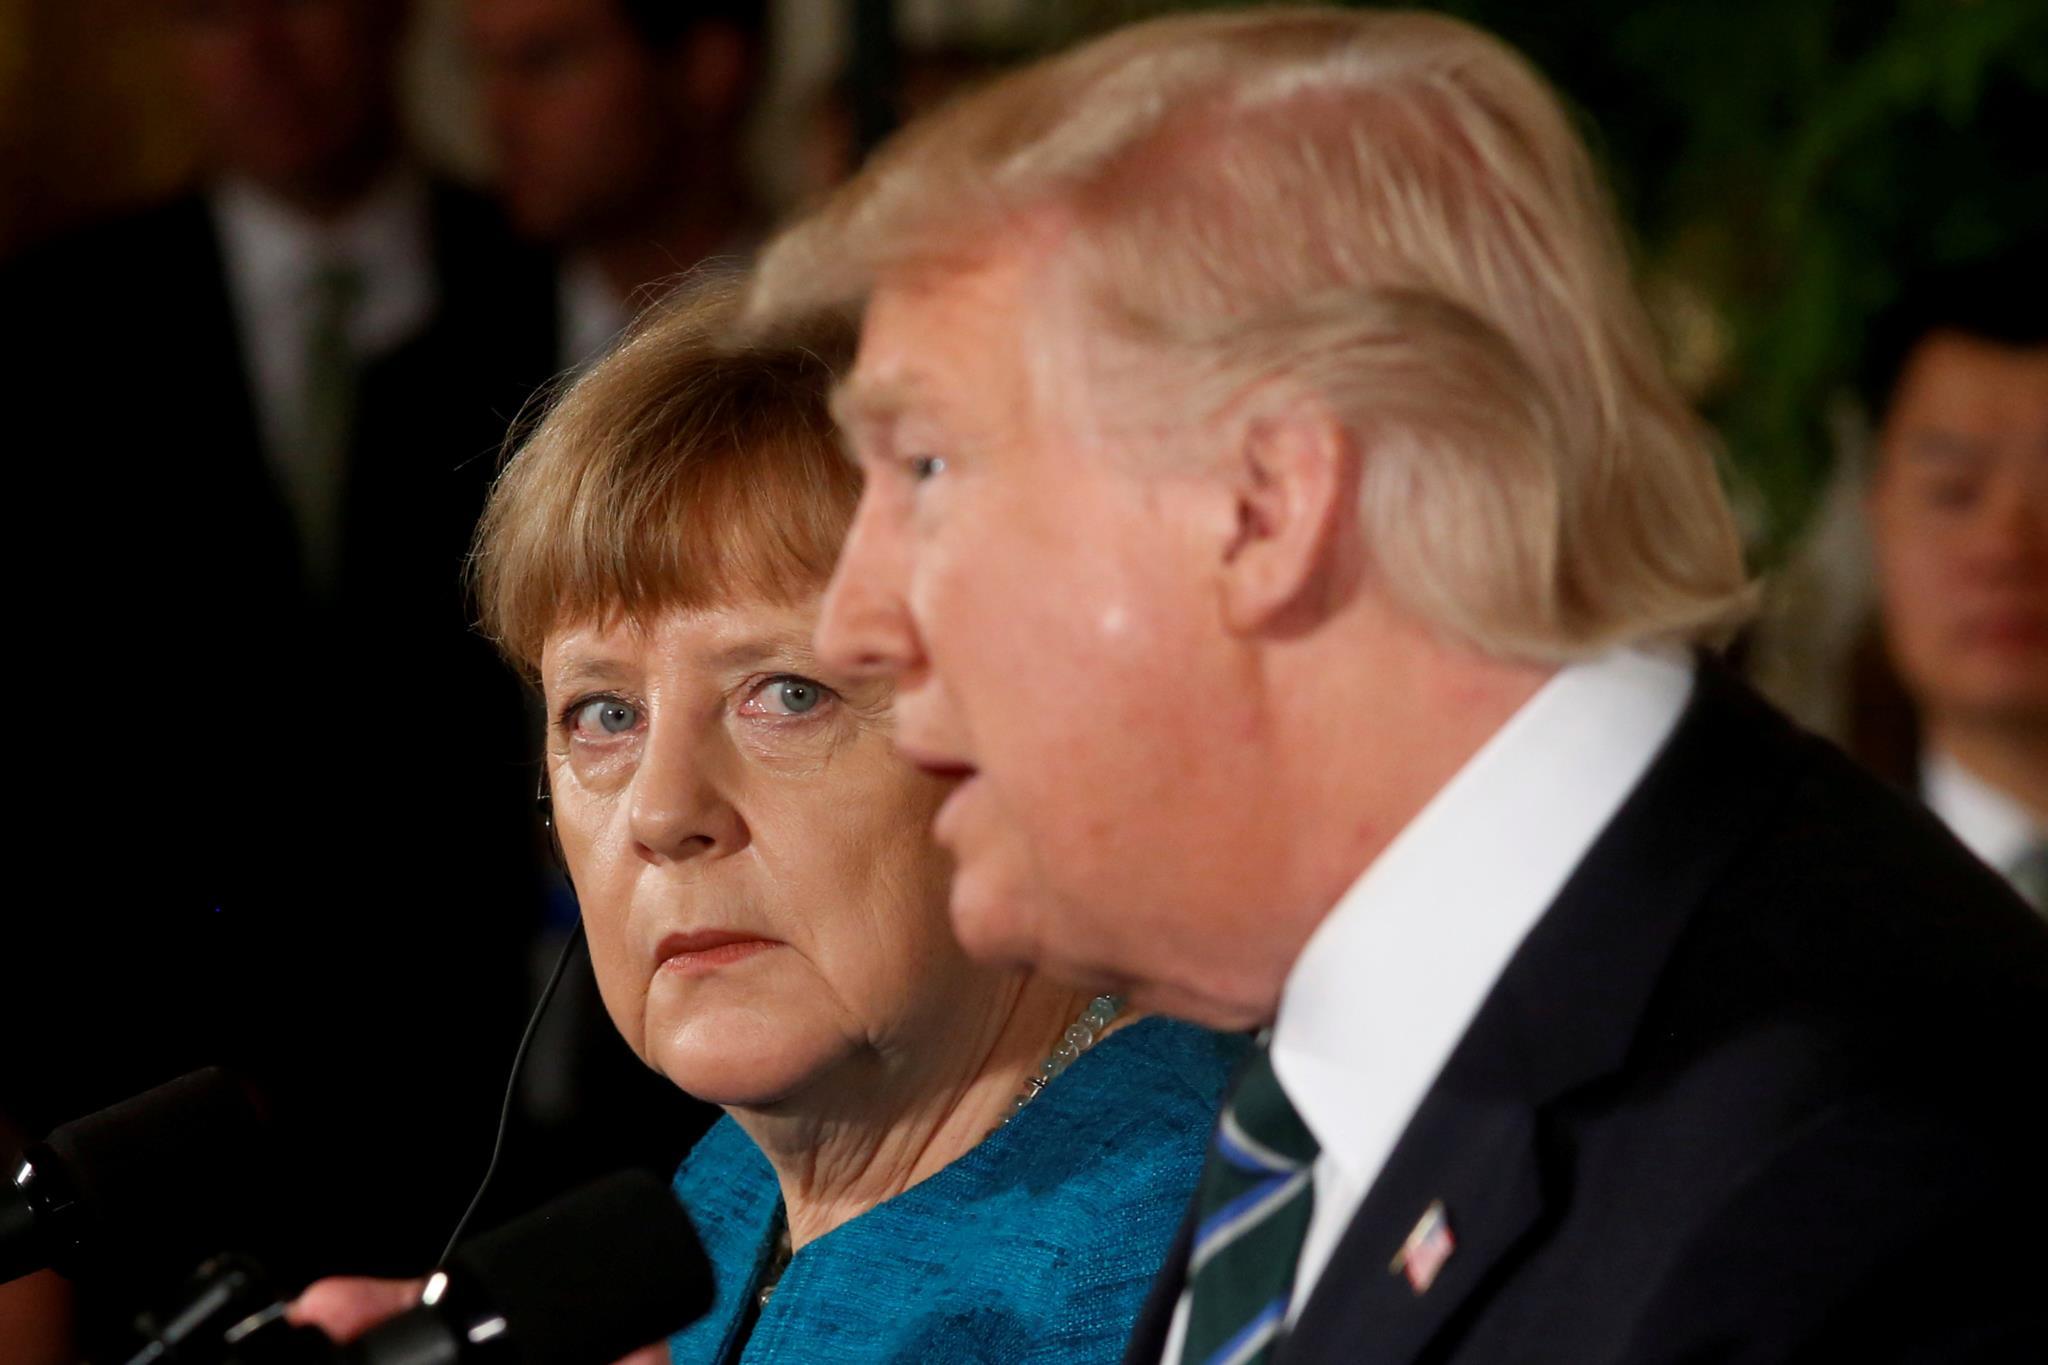 PÚBLICO - Merkel diz que já não se pode confiar nos aliados